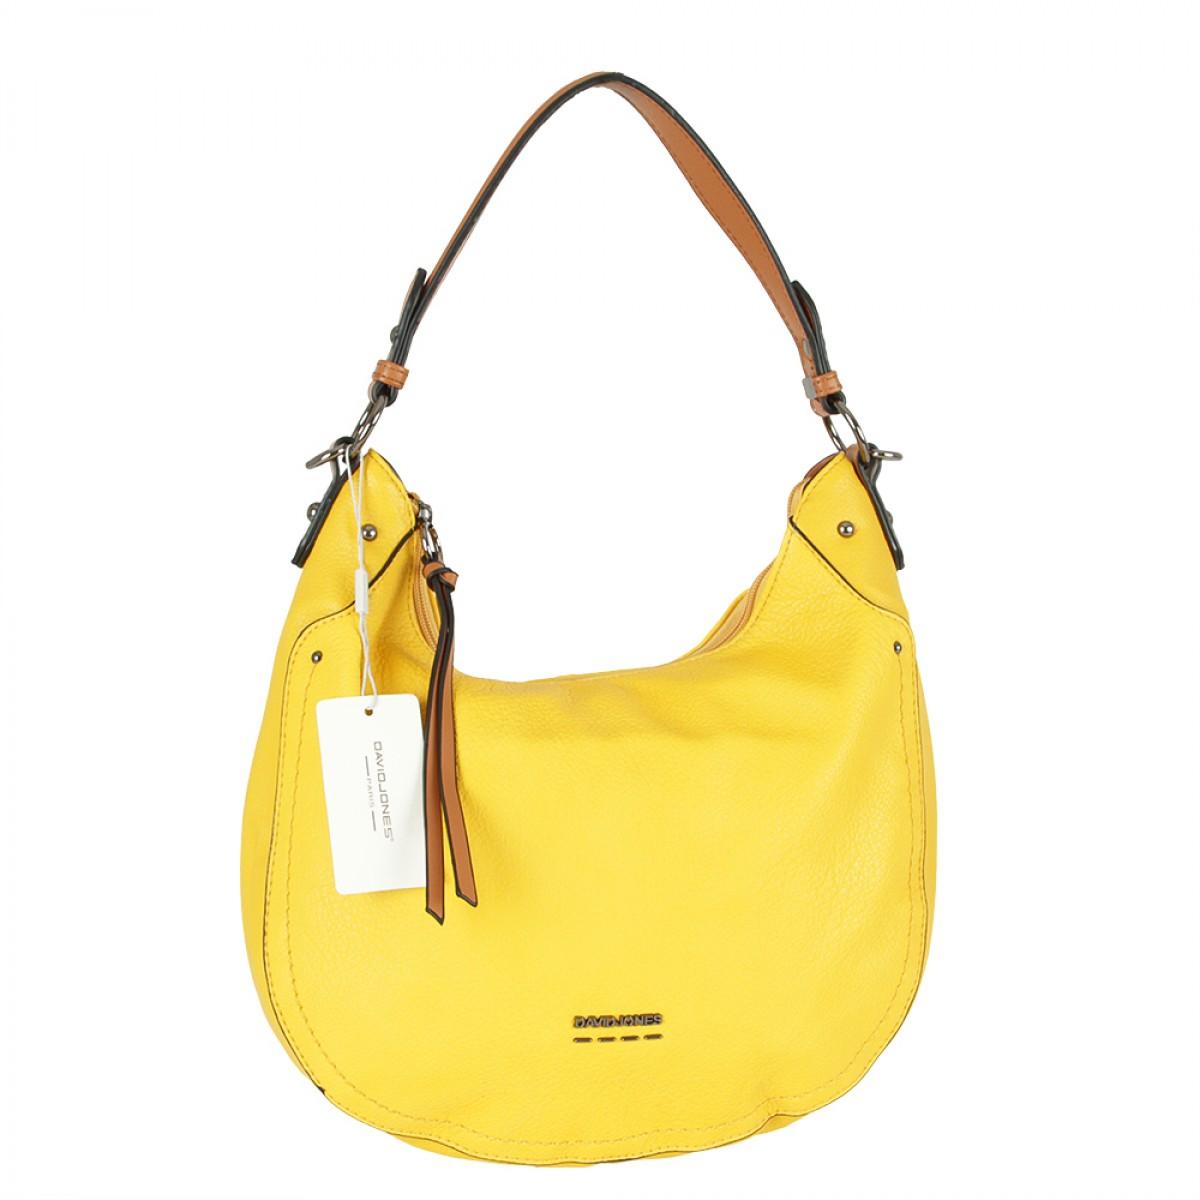 Жіноча сумка David Jones 6210-1 YELLOW